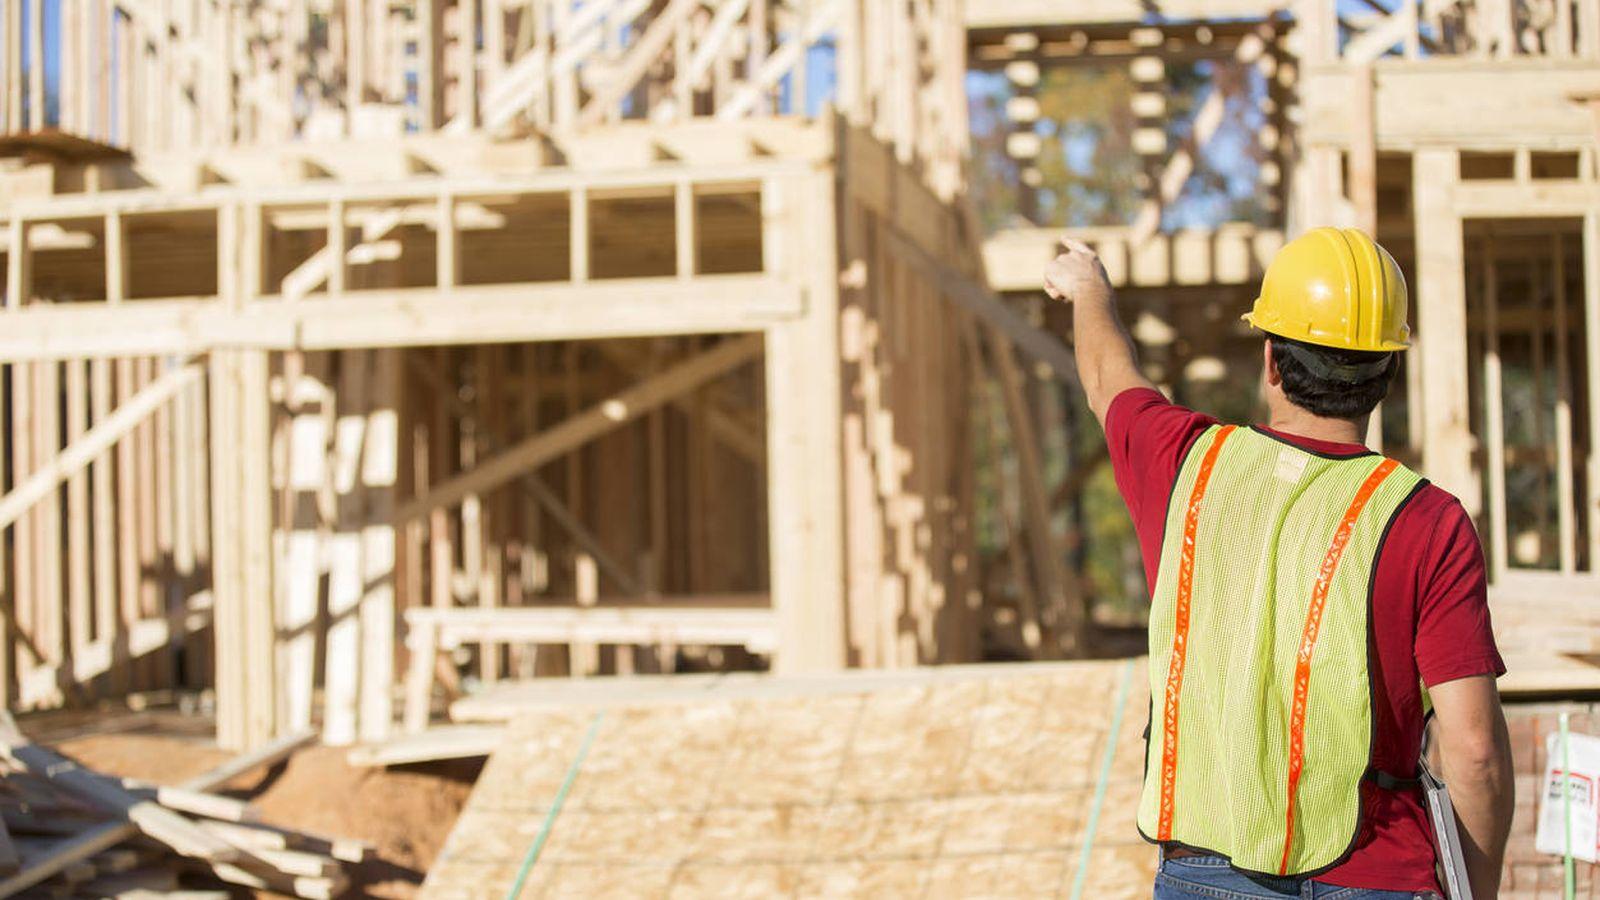 Vivienda construir tu propia casa la ltima moda tras la - Construir mi propia casa ...